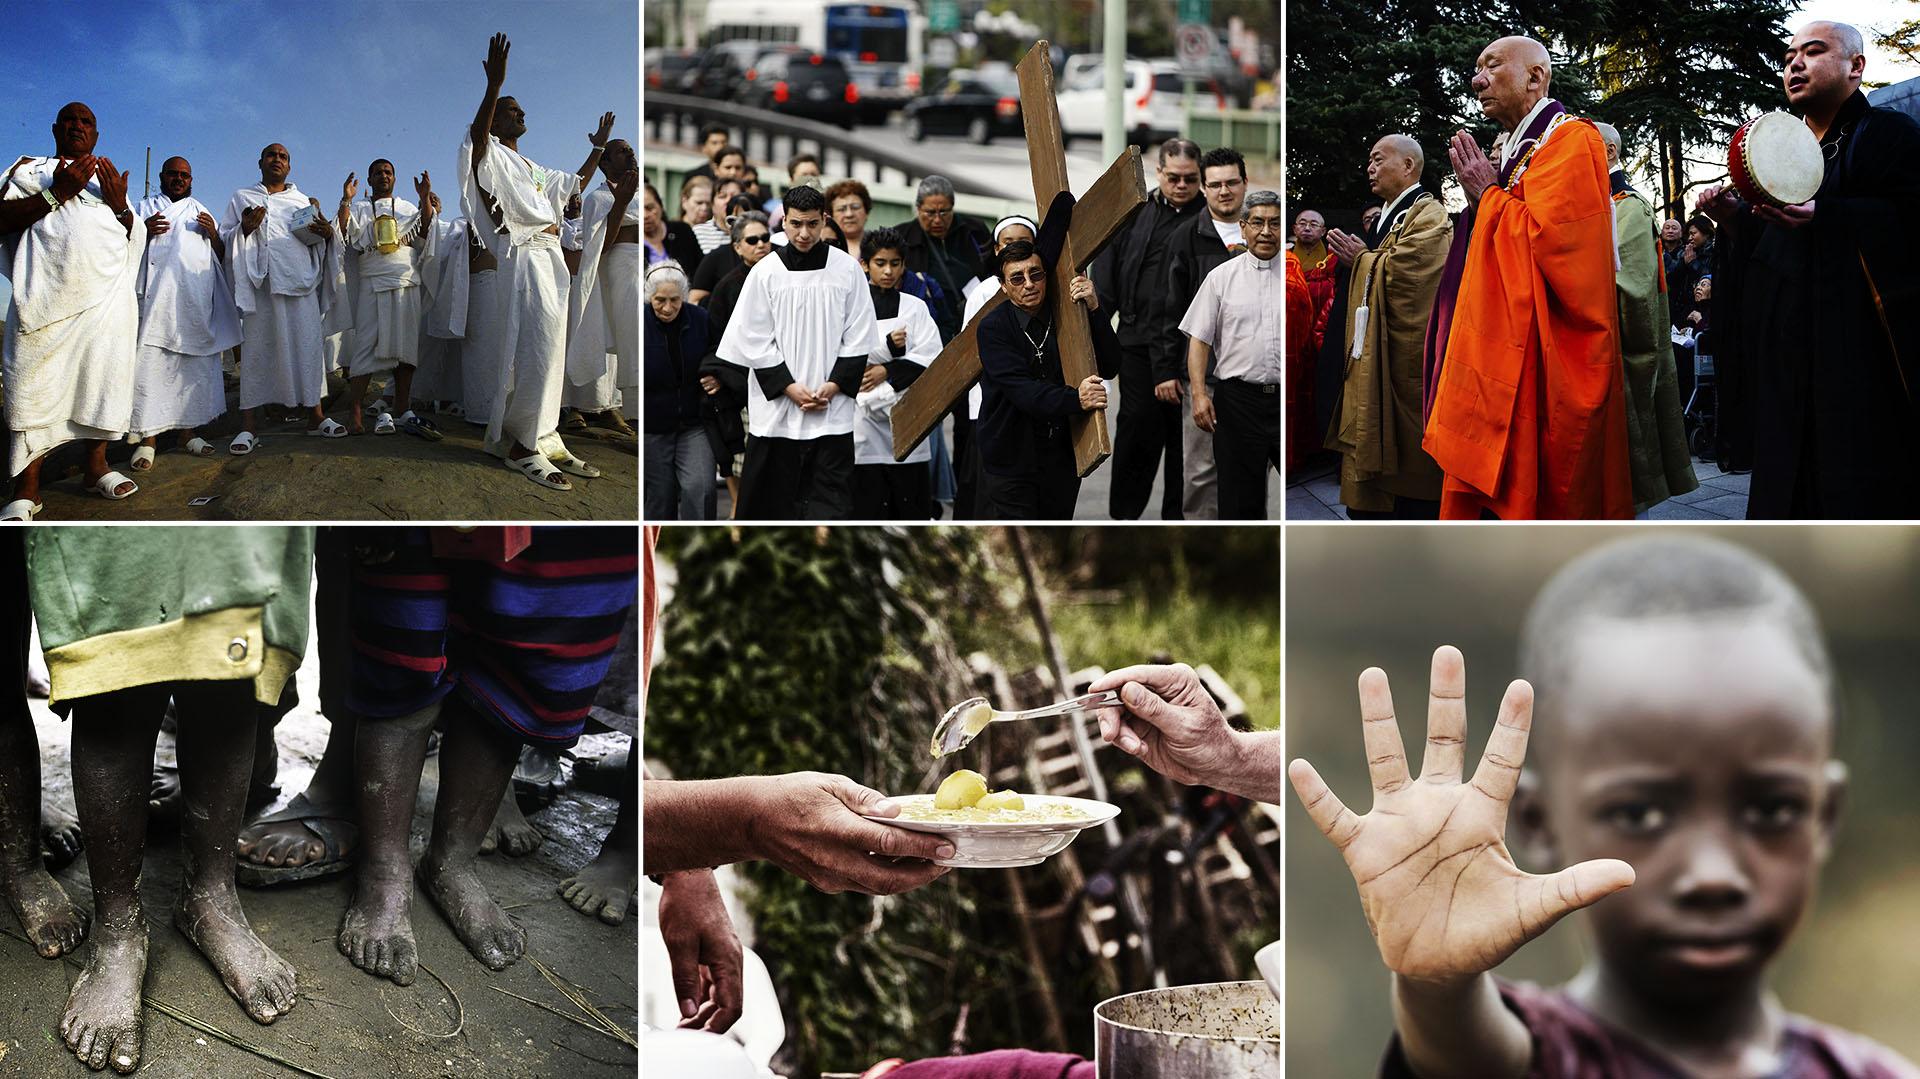 Los pueblos más pobres suelen ser lo más religiosos, pero esta relación es compleja